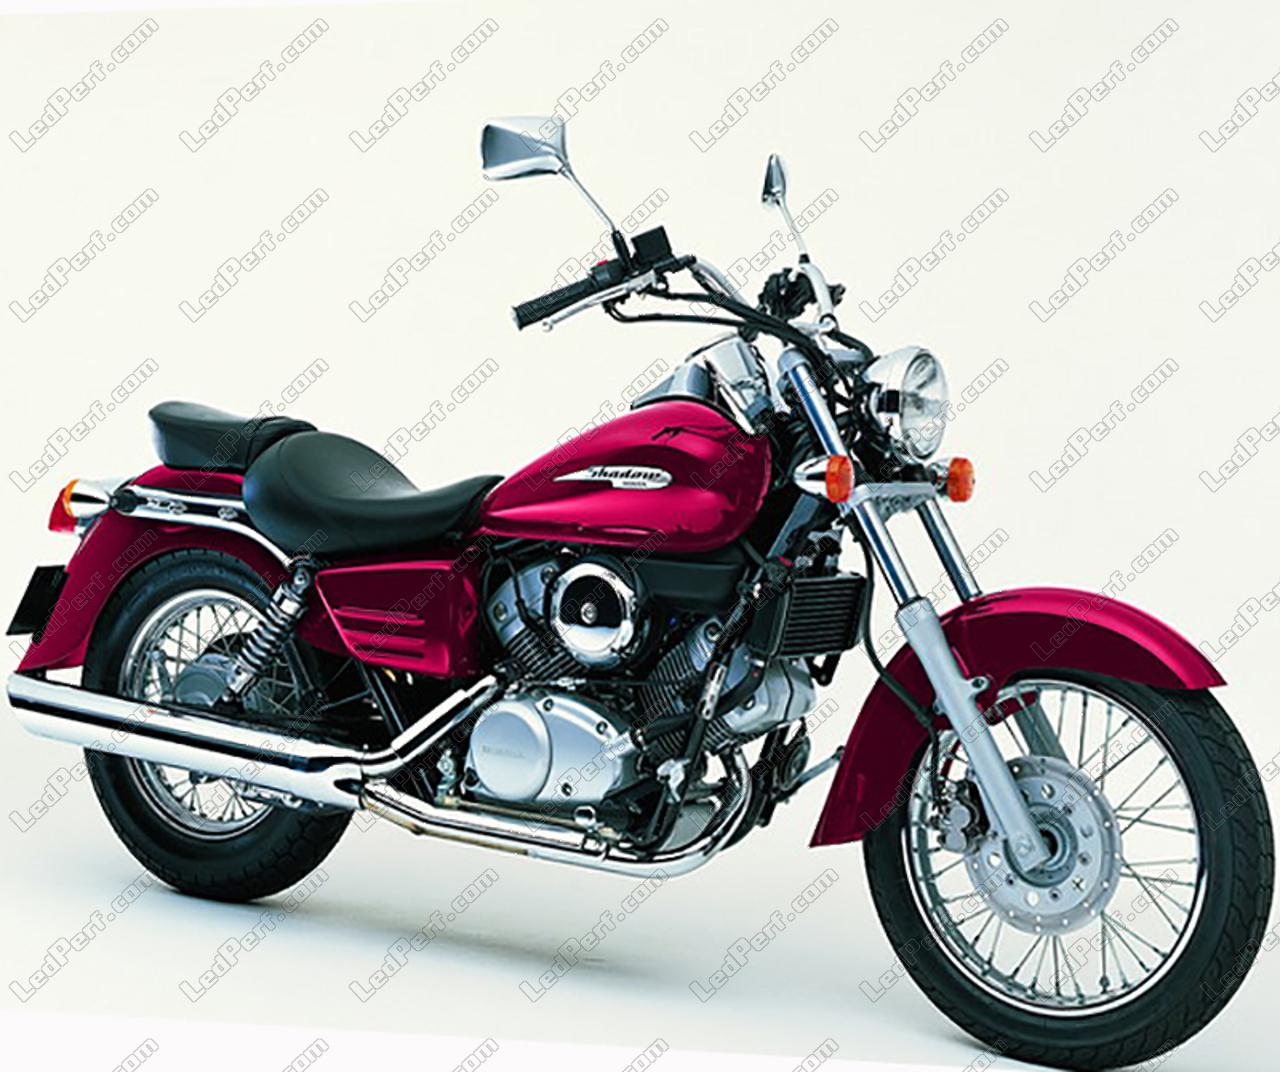 phares additionnels led pour moto honda vt 125. Black Bedroom Furniture Sets. Home Design Ideas